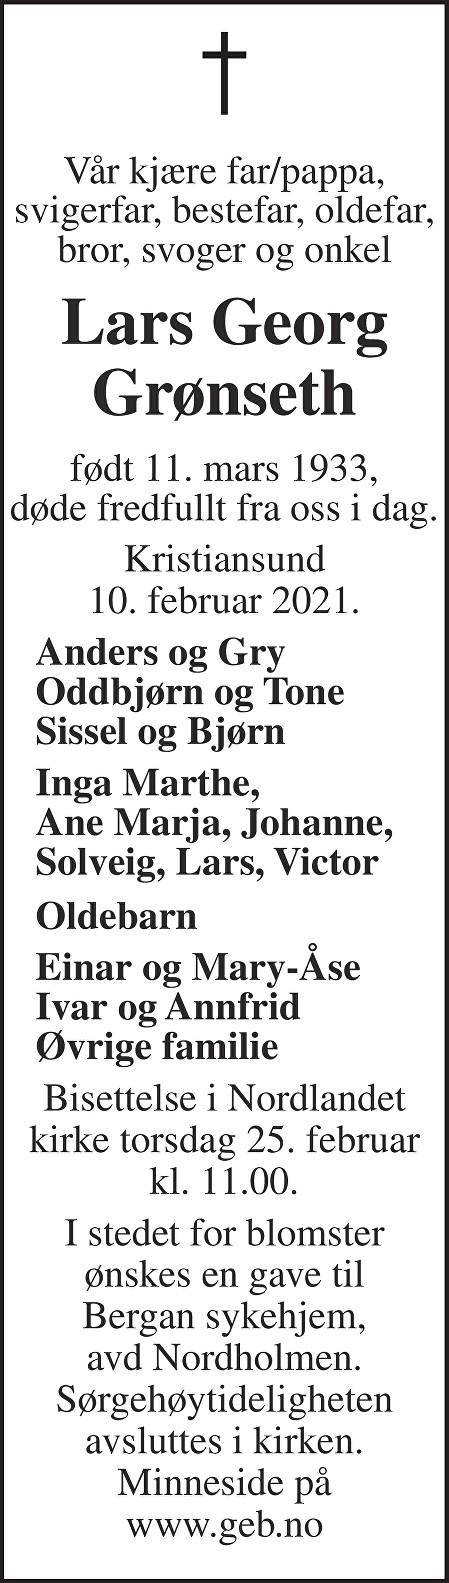 Lars Georg Grønseth Dødsannonse